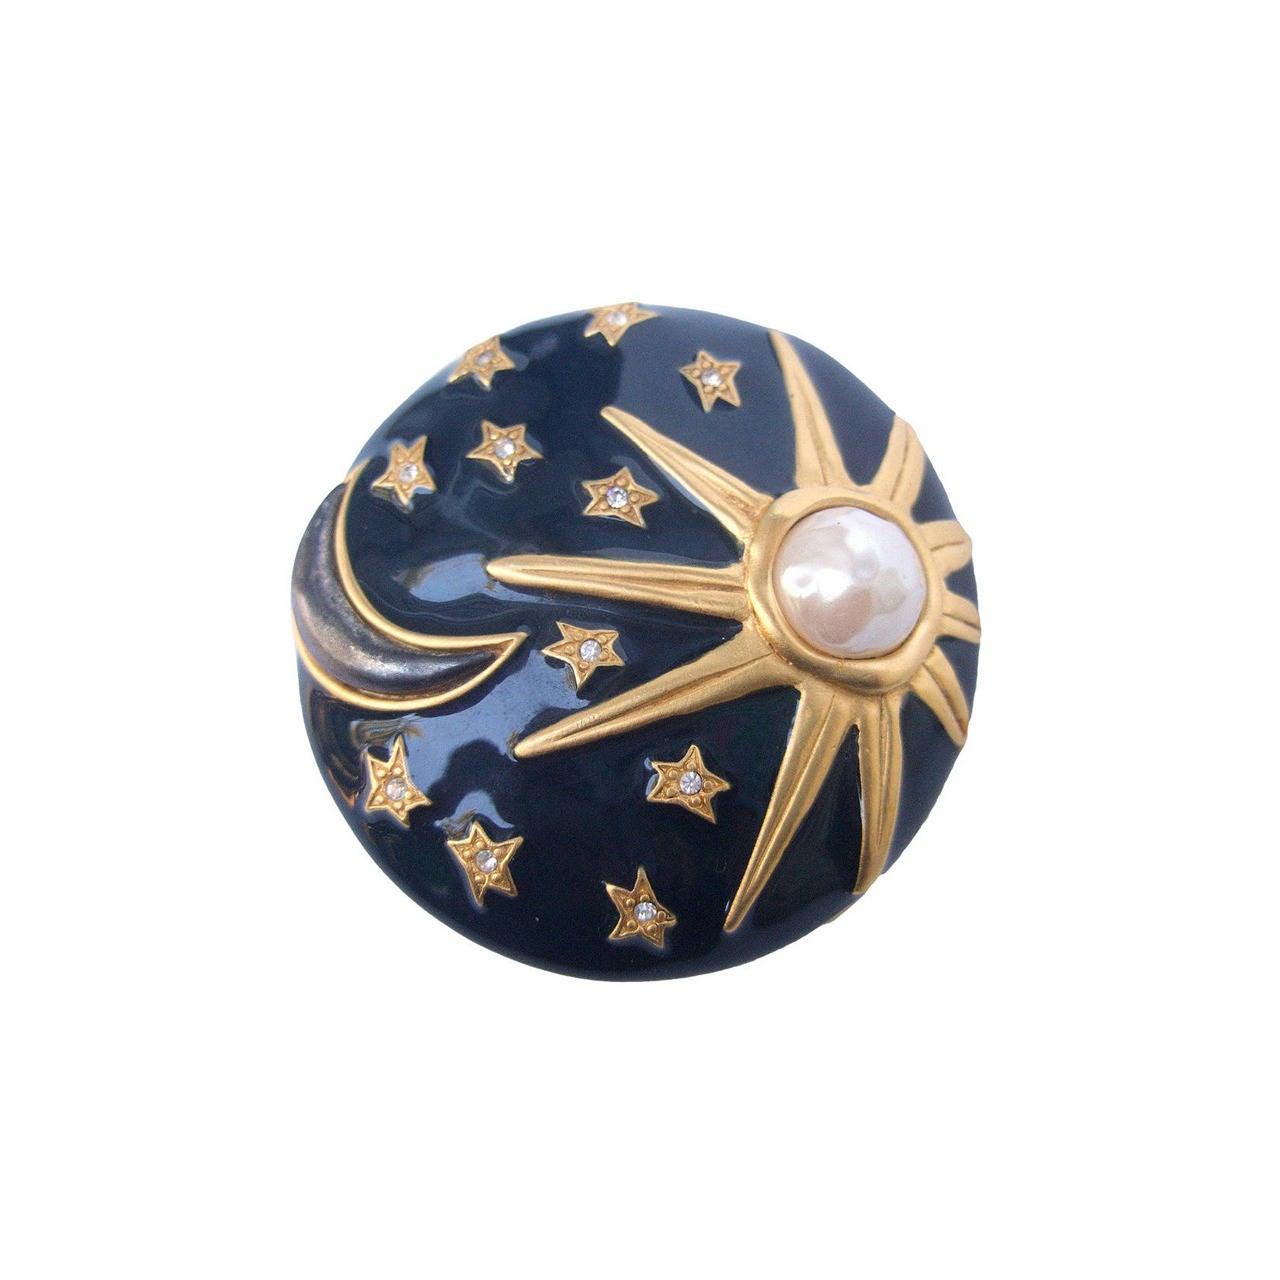 Karl Lagerfeld Jeweled Enamel Sun, Moon & Star Brooch 1